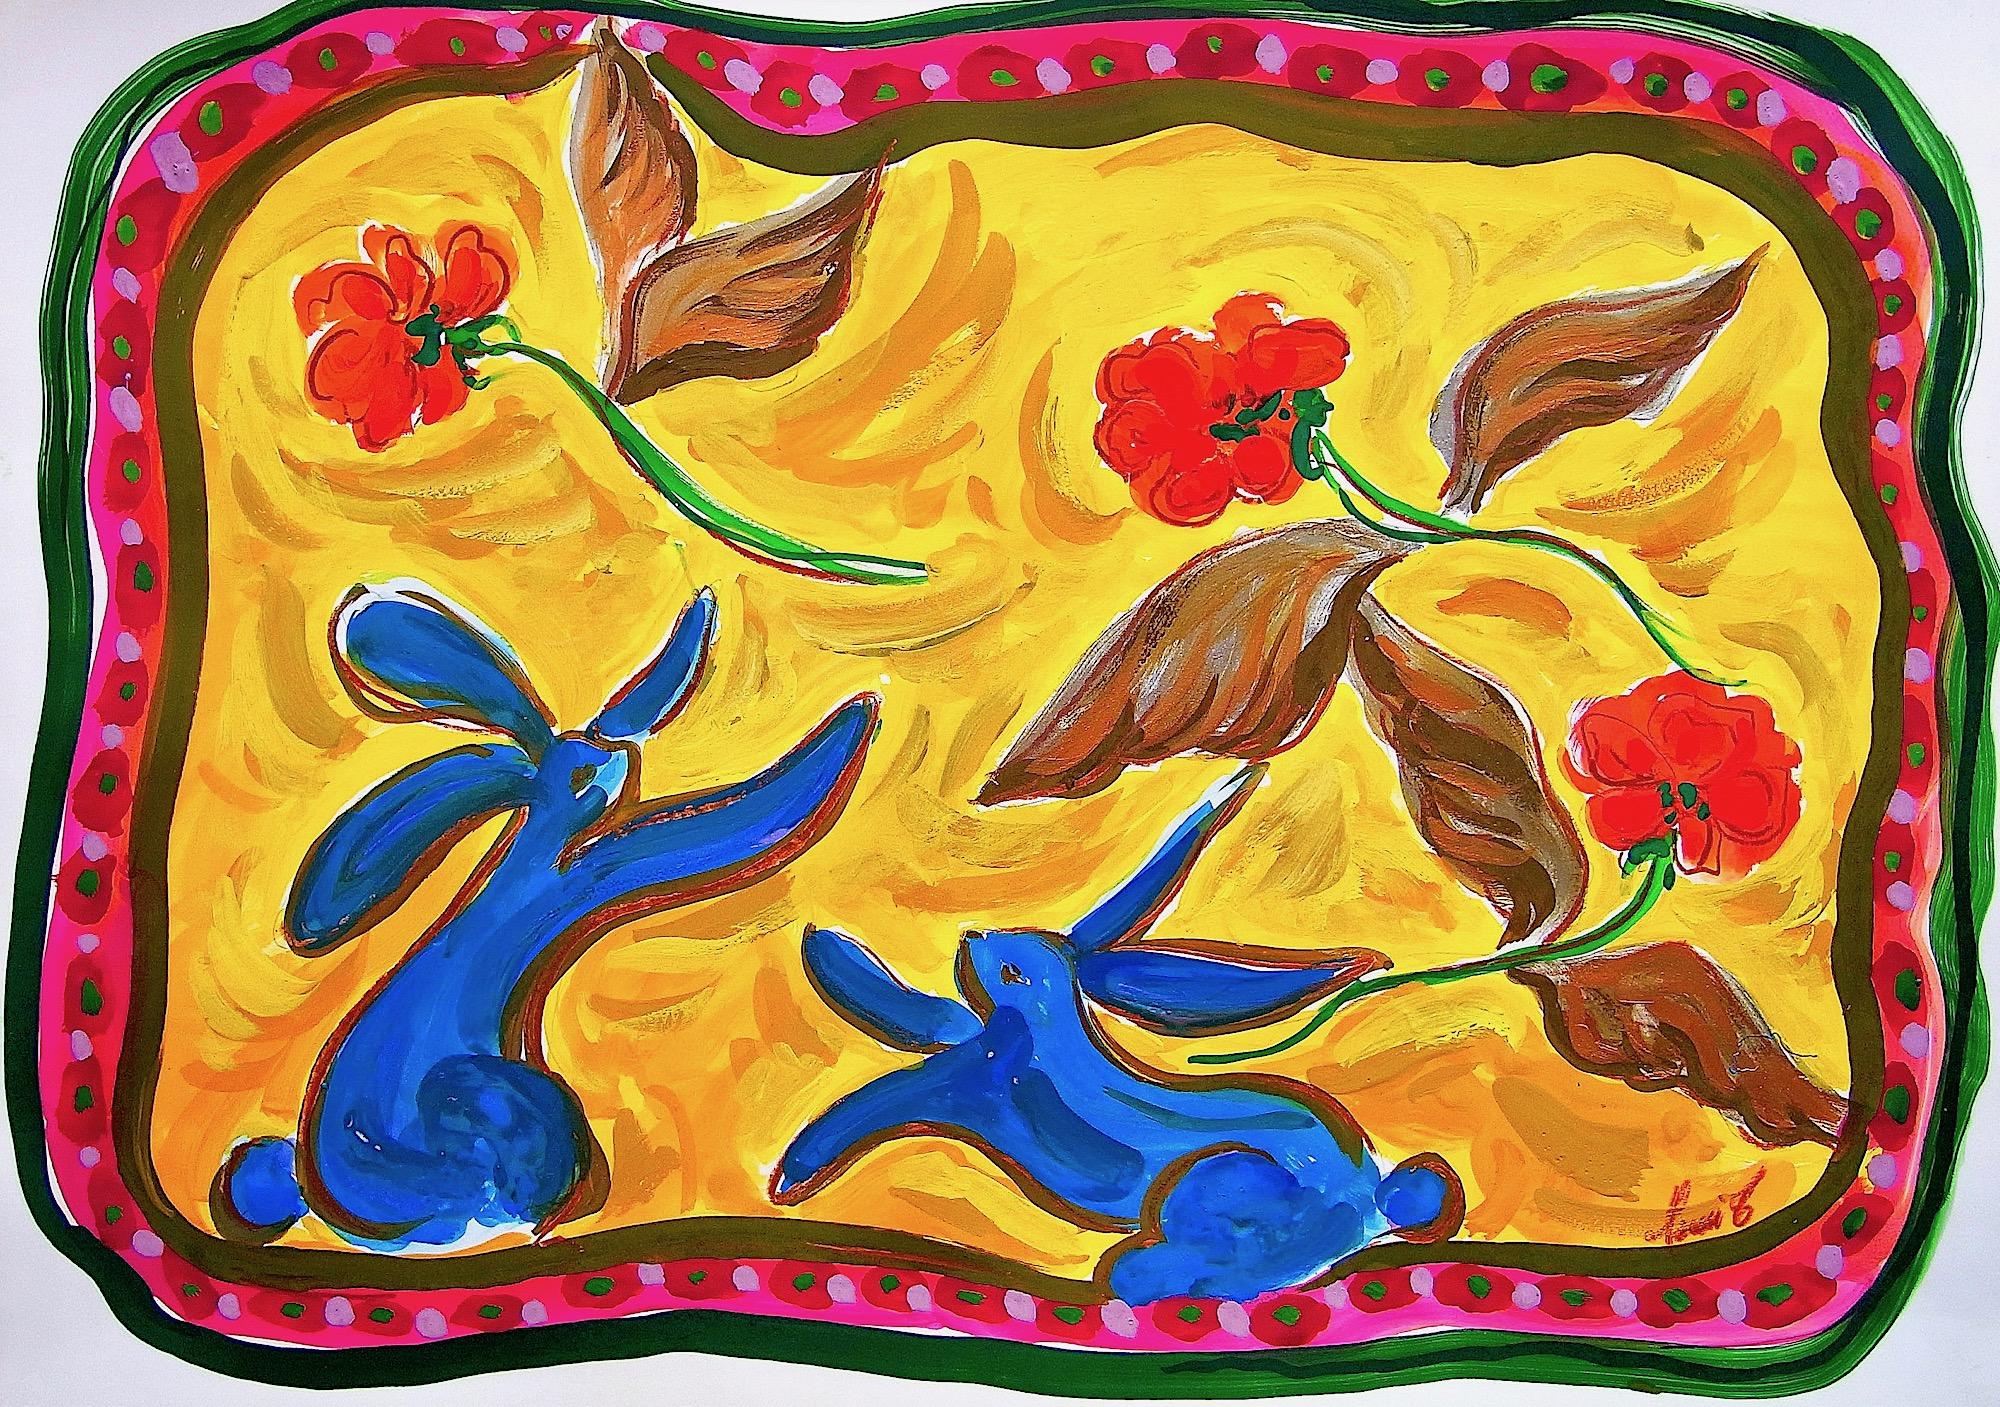 MAMI / Images et Poésie, Quand les Fleurs deviennent Anges